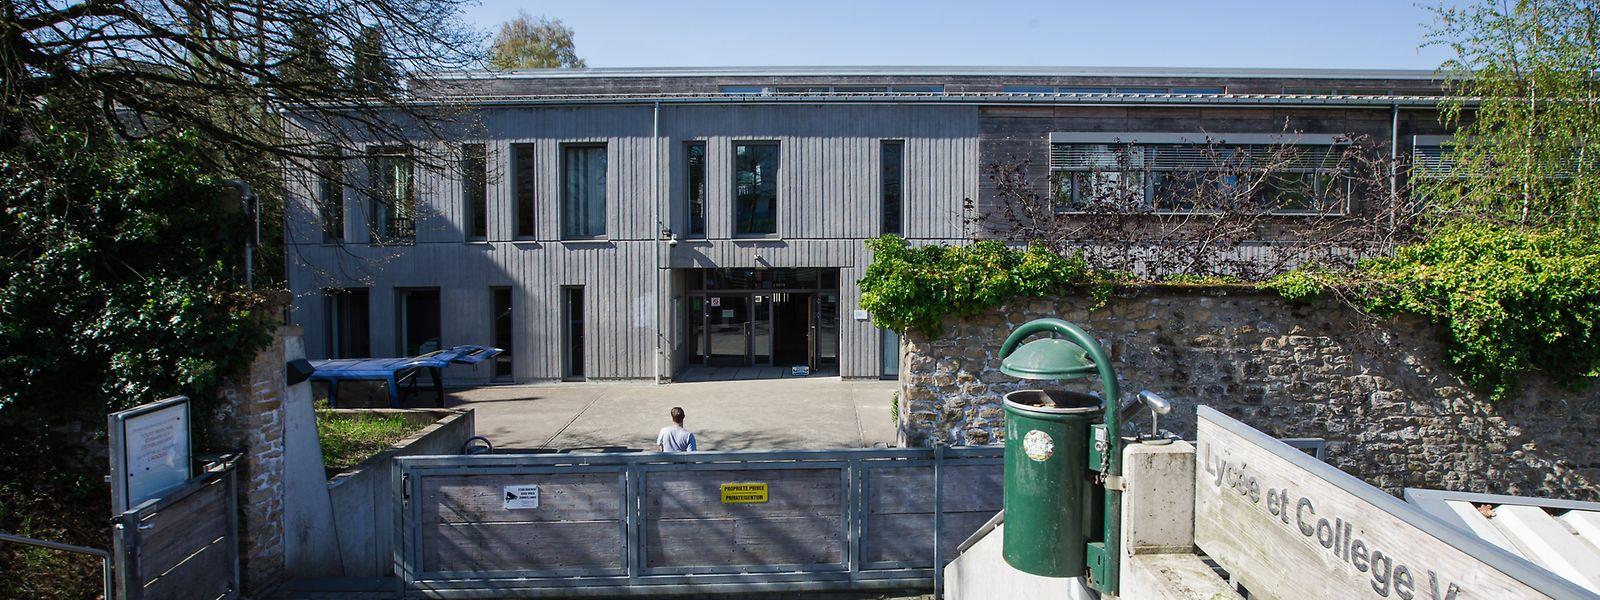 Seit den Osterferien befindet sich die englische Grundschule in den leerstehenden Räumlichkeiten des Lycée Vauban in Limpersberg.